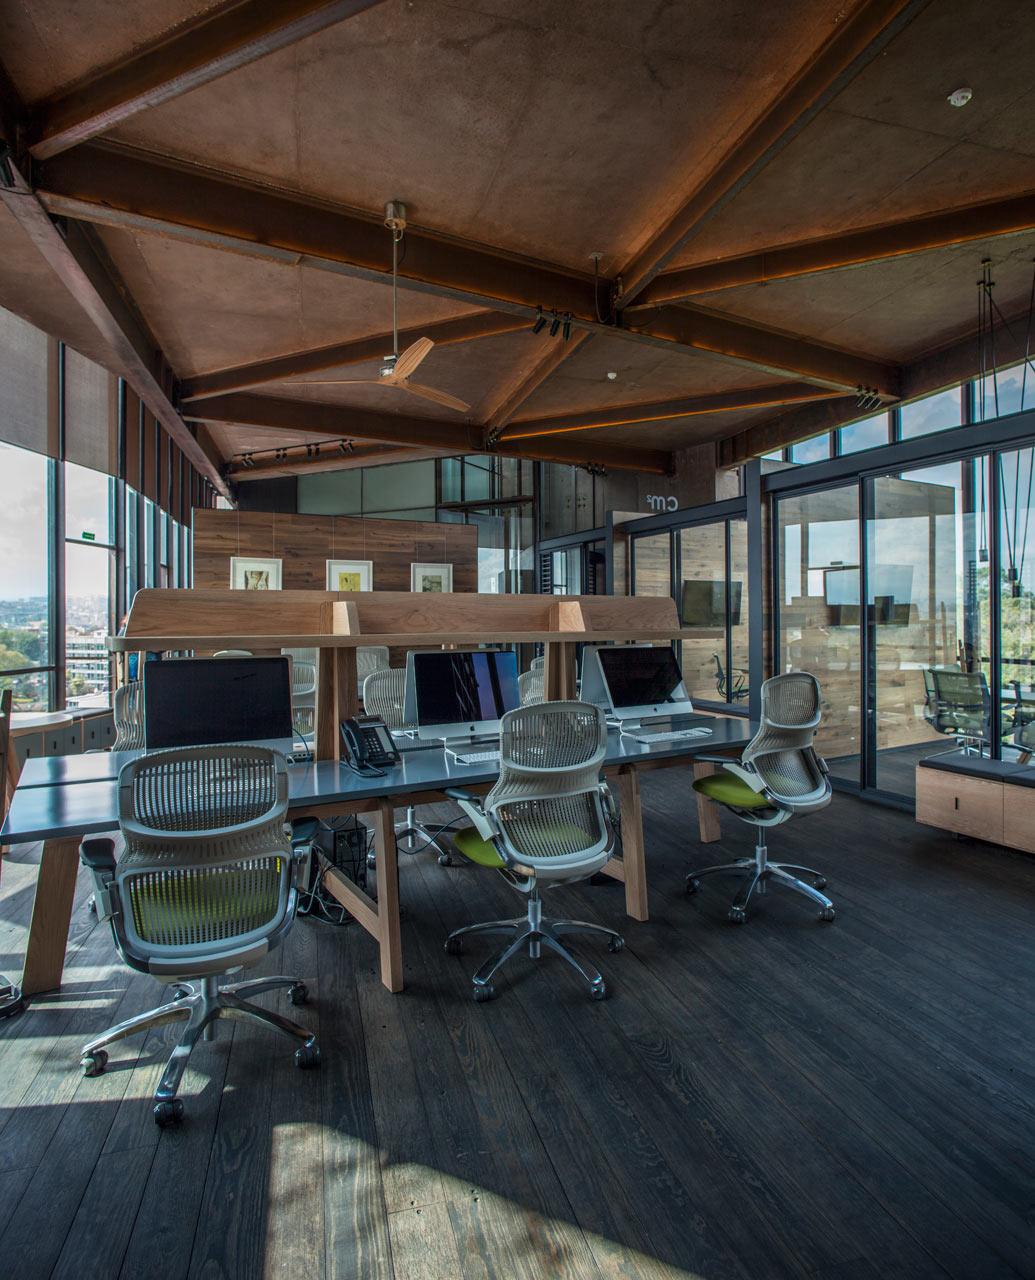 Офис необычной формы над кронами деревьев